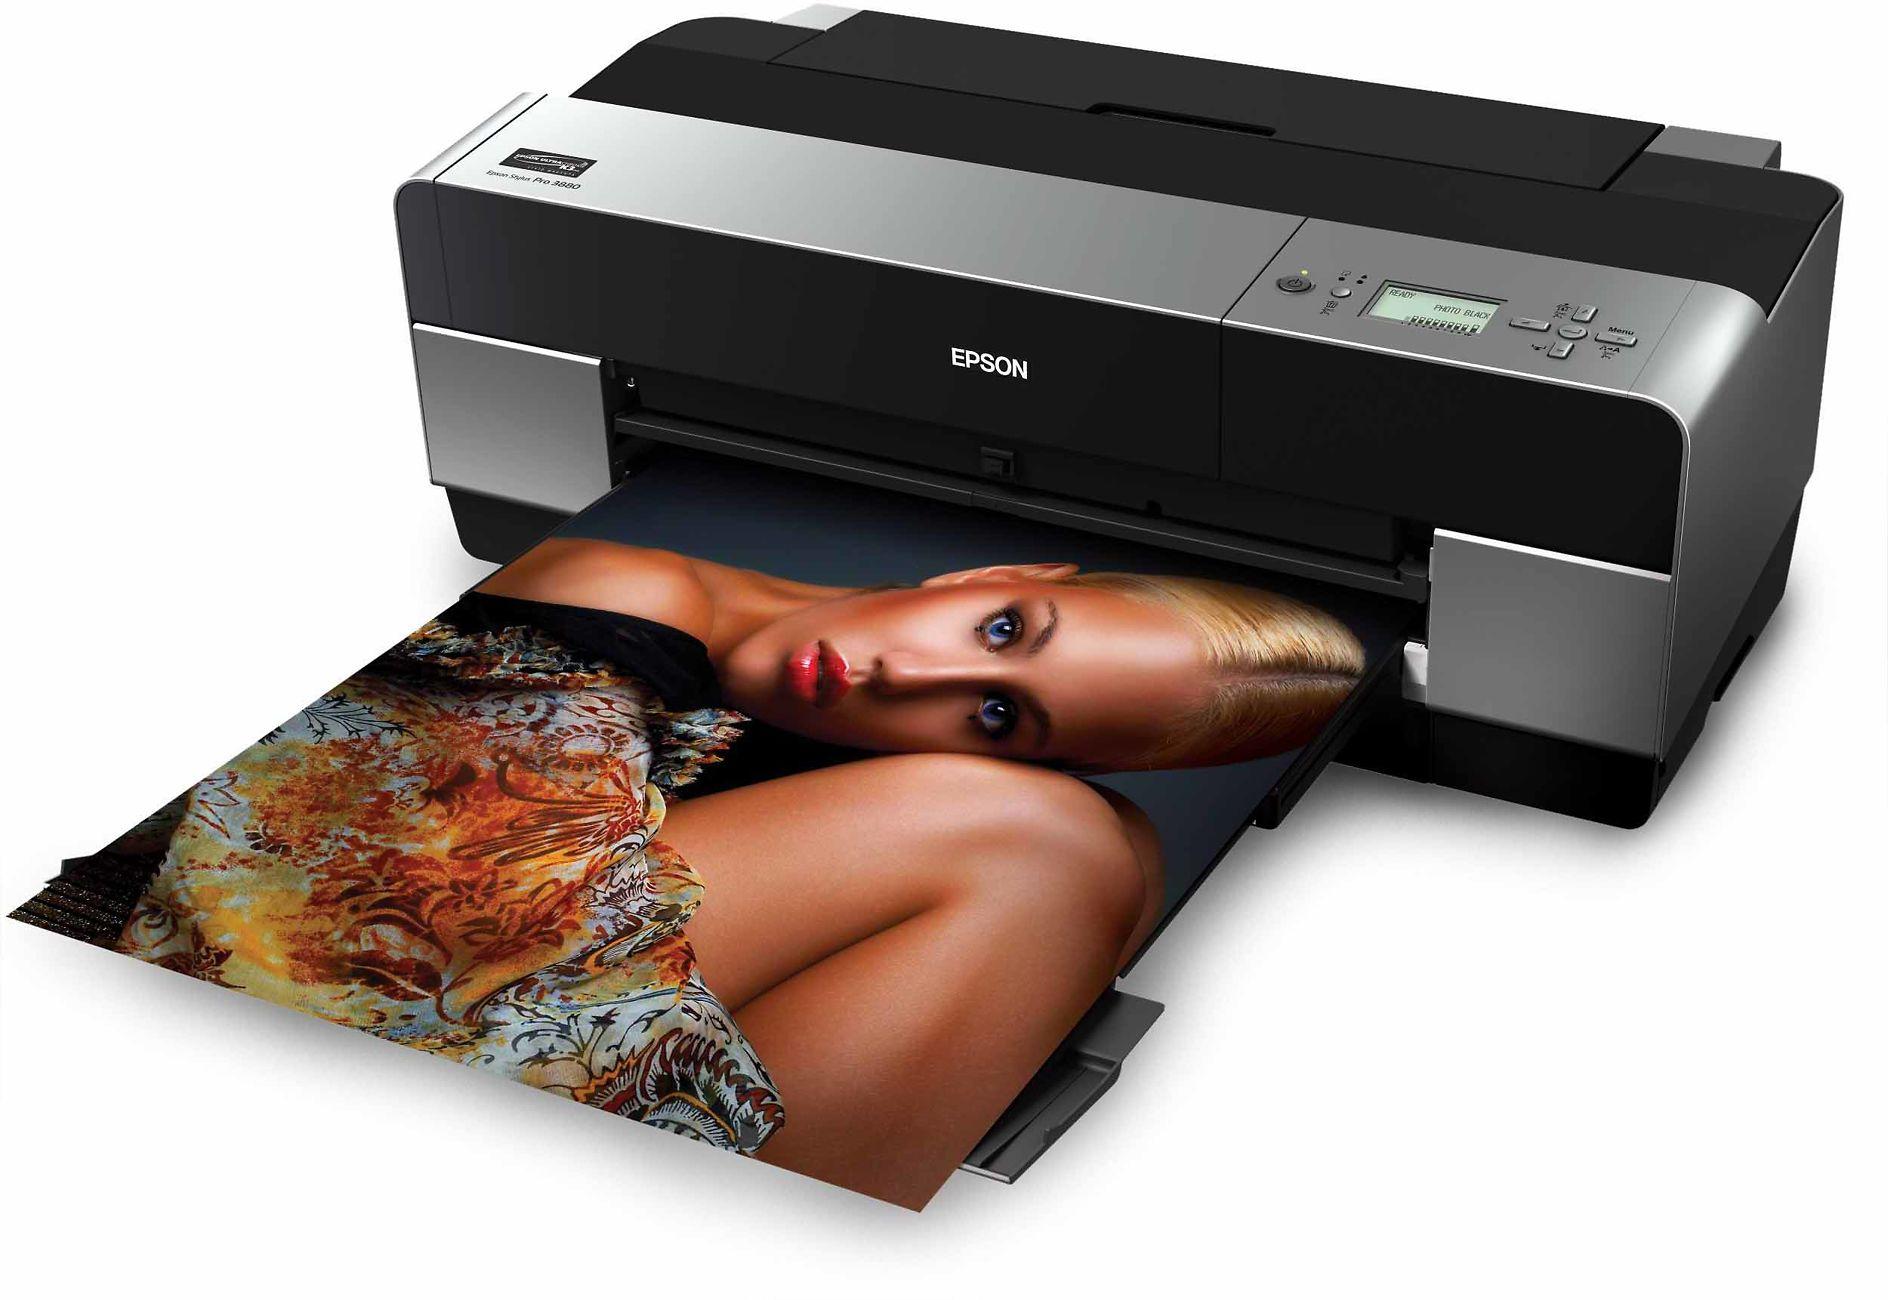 Epson Stylus Pro 3880 Inks Image